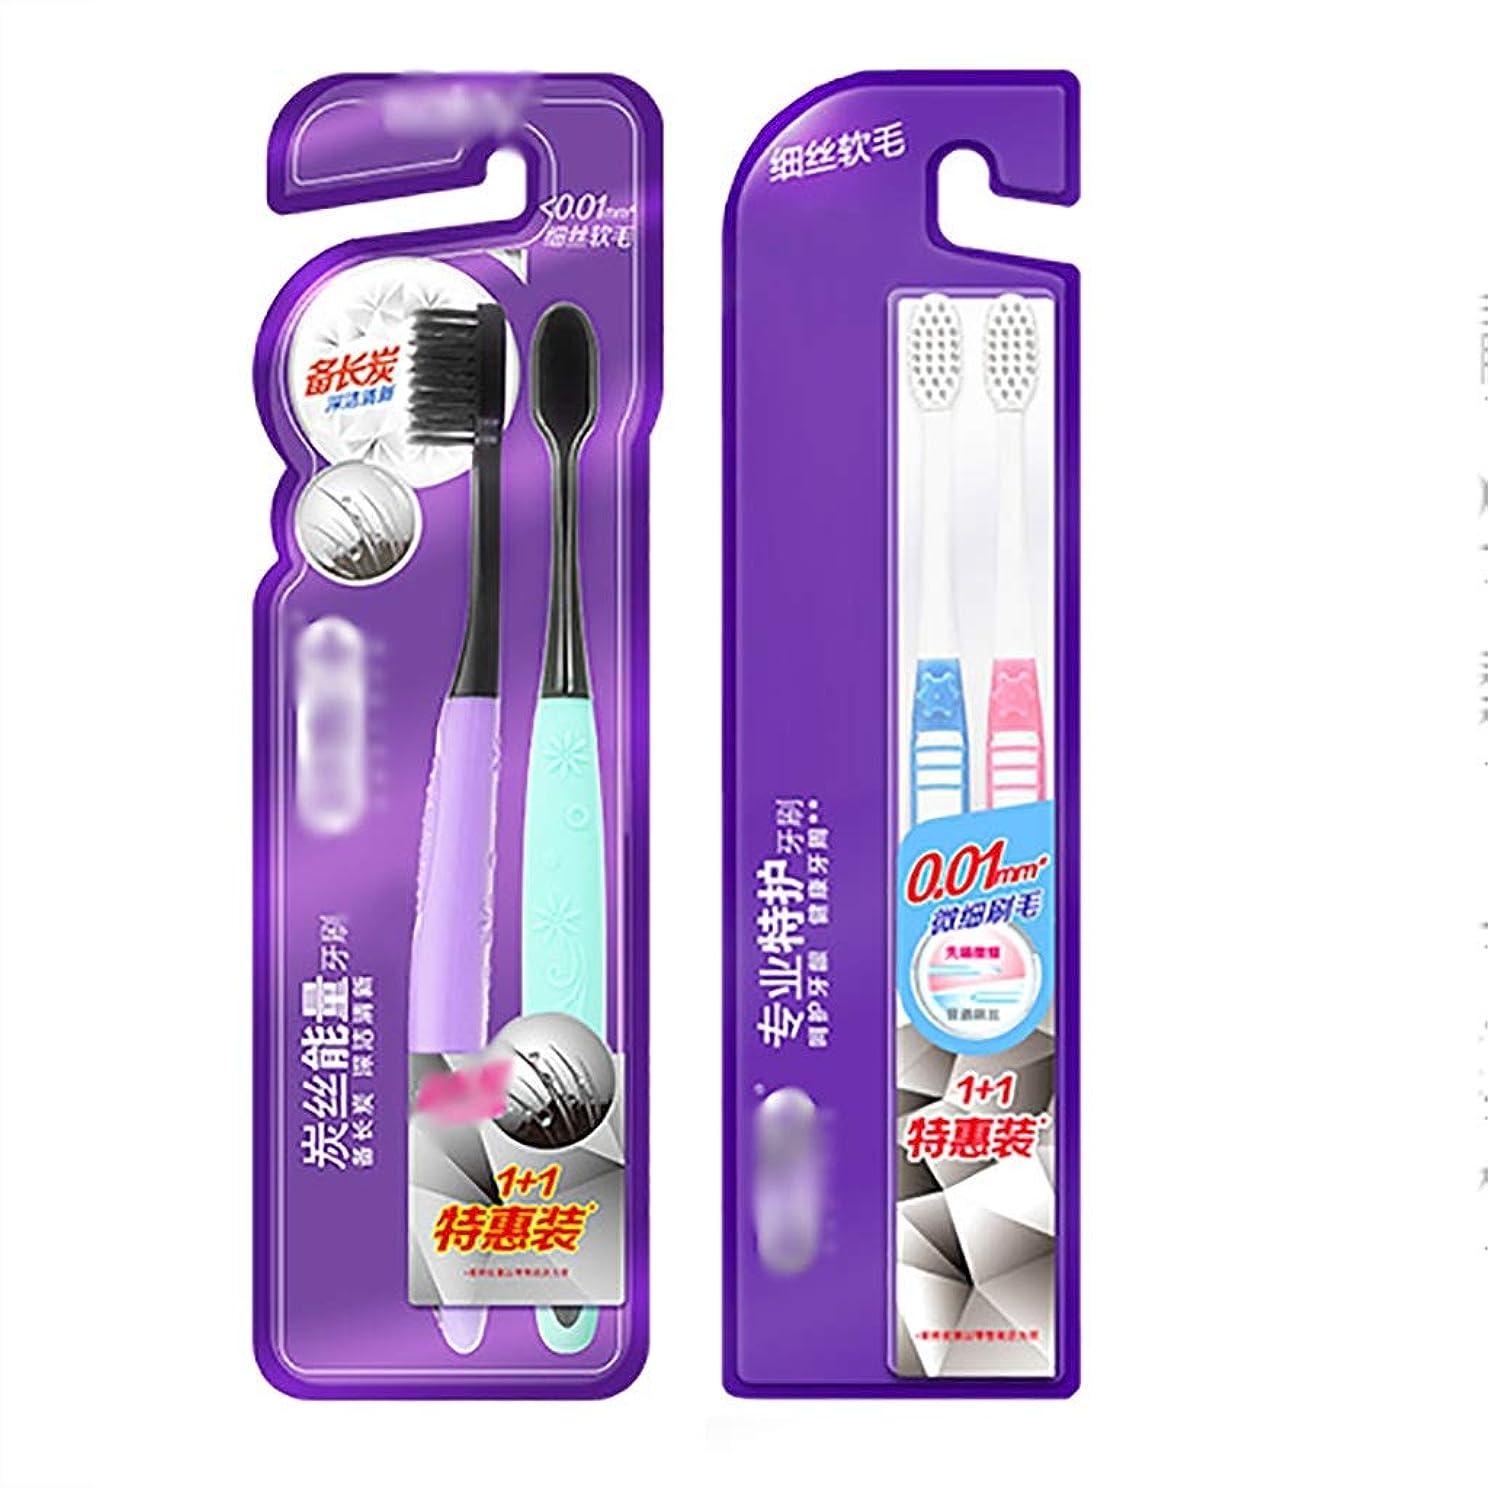 与える中性反応する歯ブラシ、足首歯ブラシ、手用歯ブラシの8本のスティック